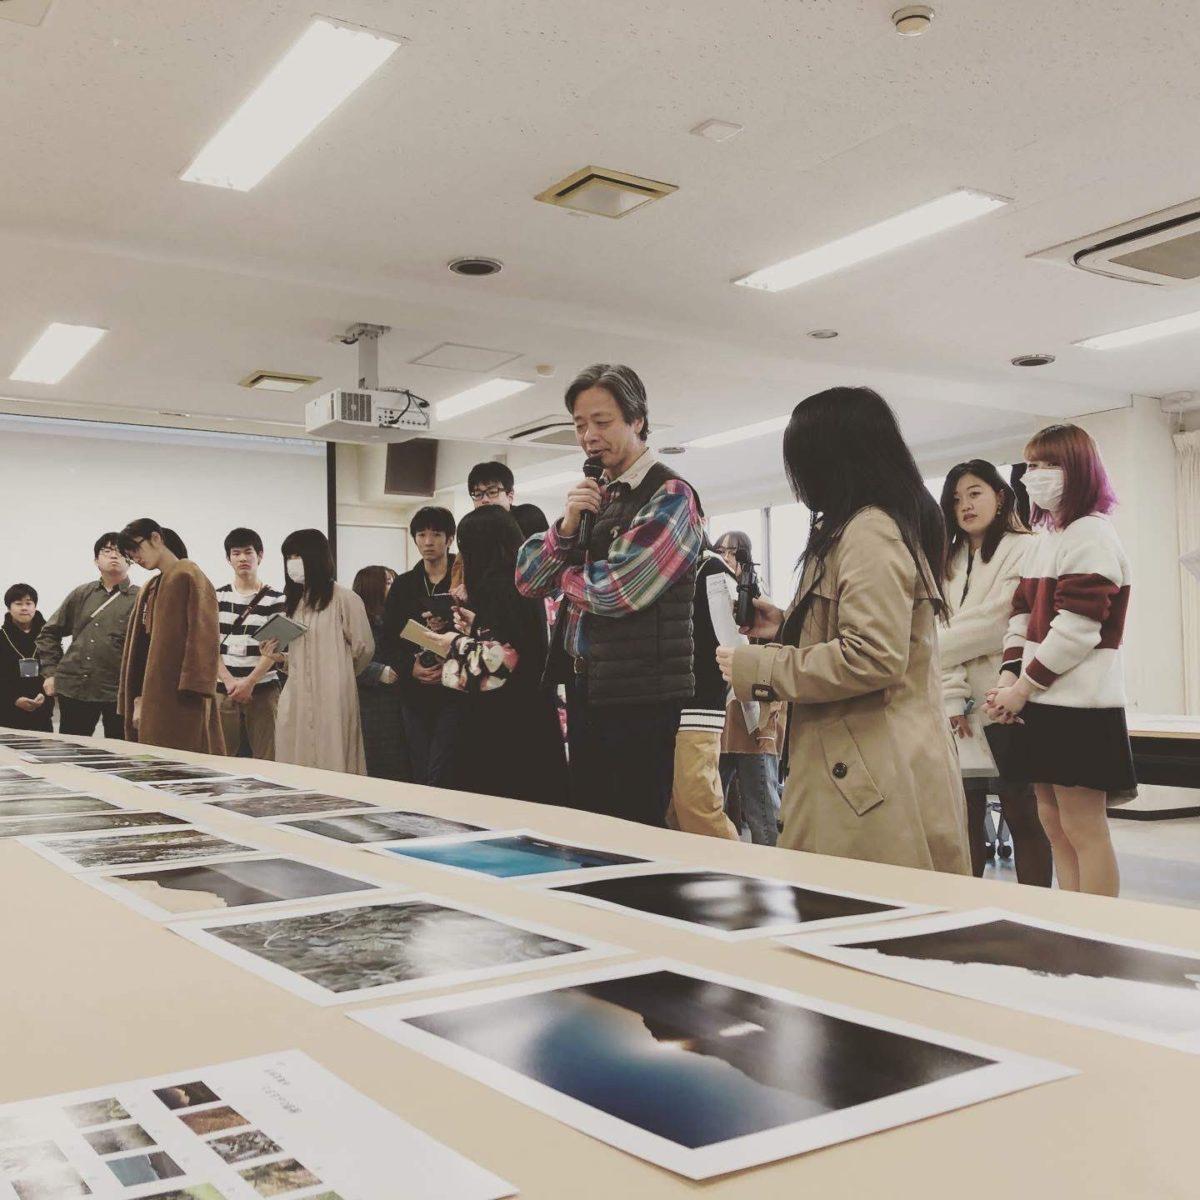 2019年度名古屋ビジュアルアーツ写真学科飯沢氏作品講評